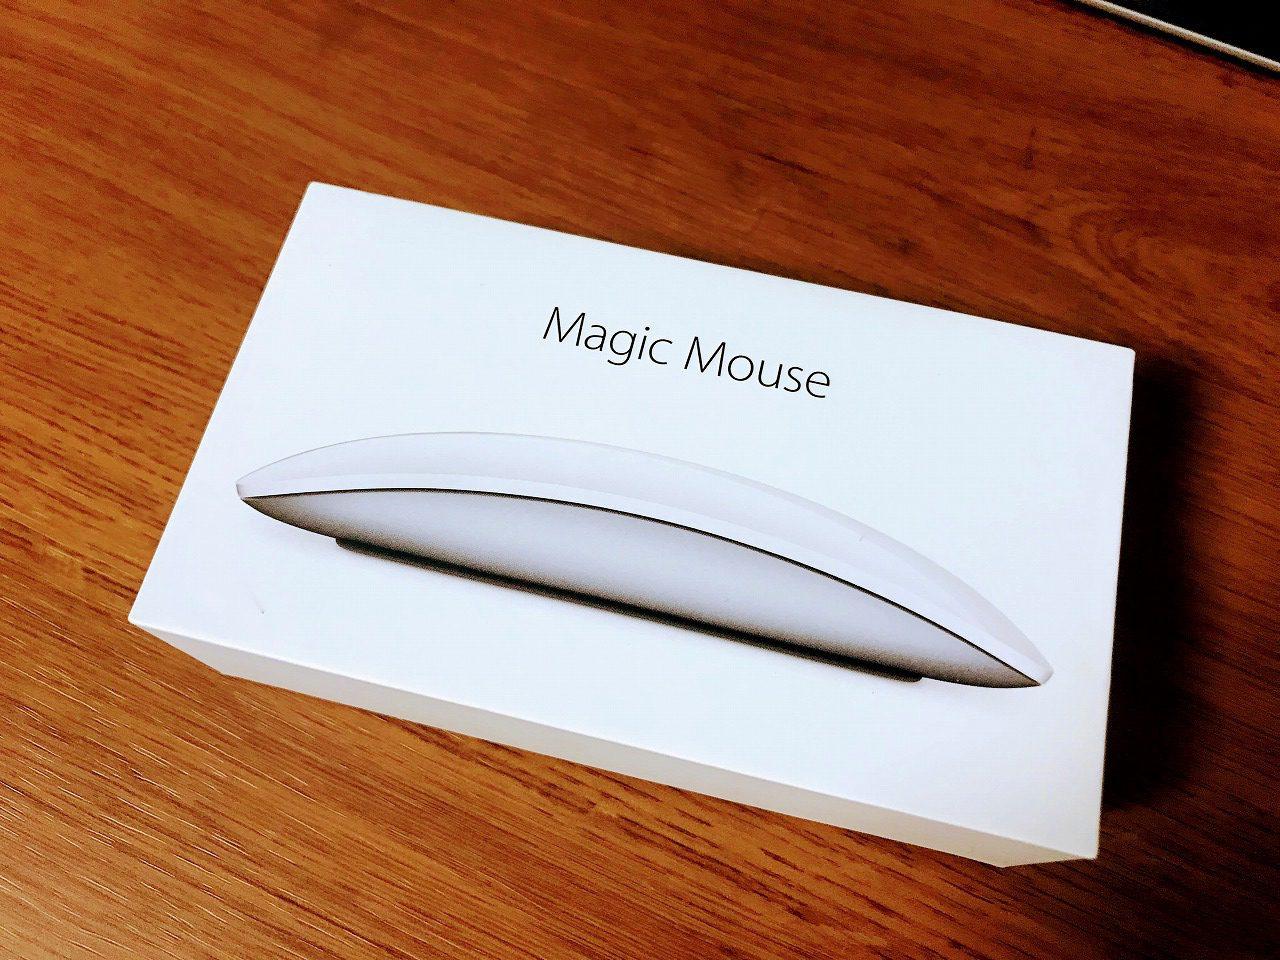 MacBook Pro用にApple純正マウス「Magic Mouse 2」を買ってみた^^